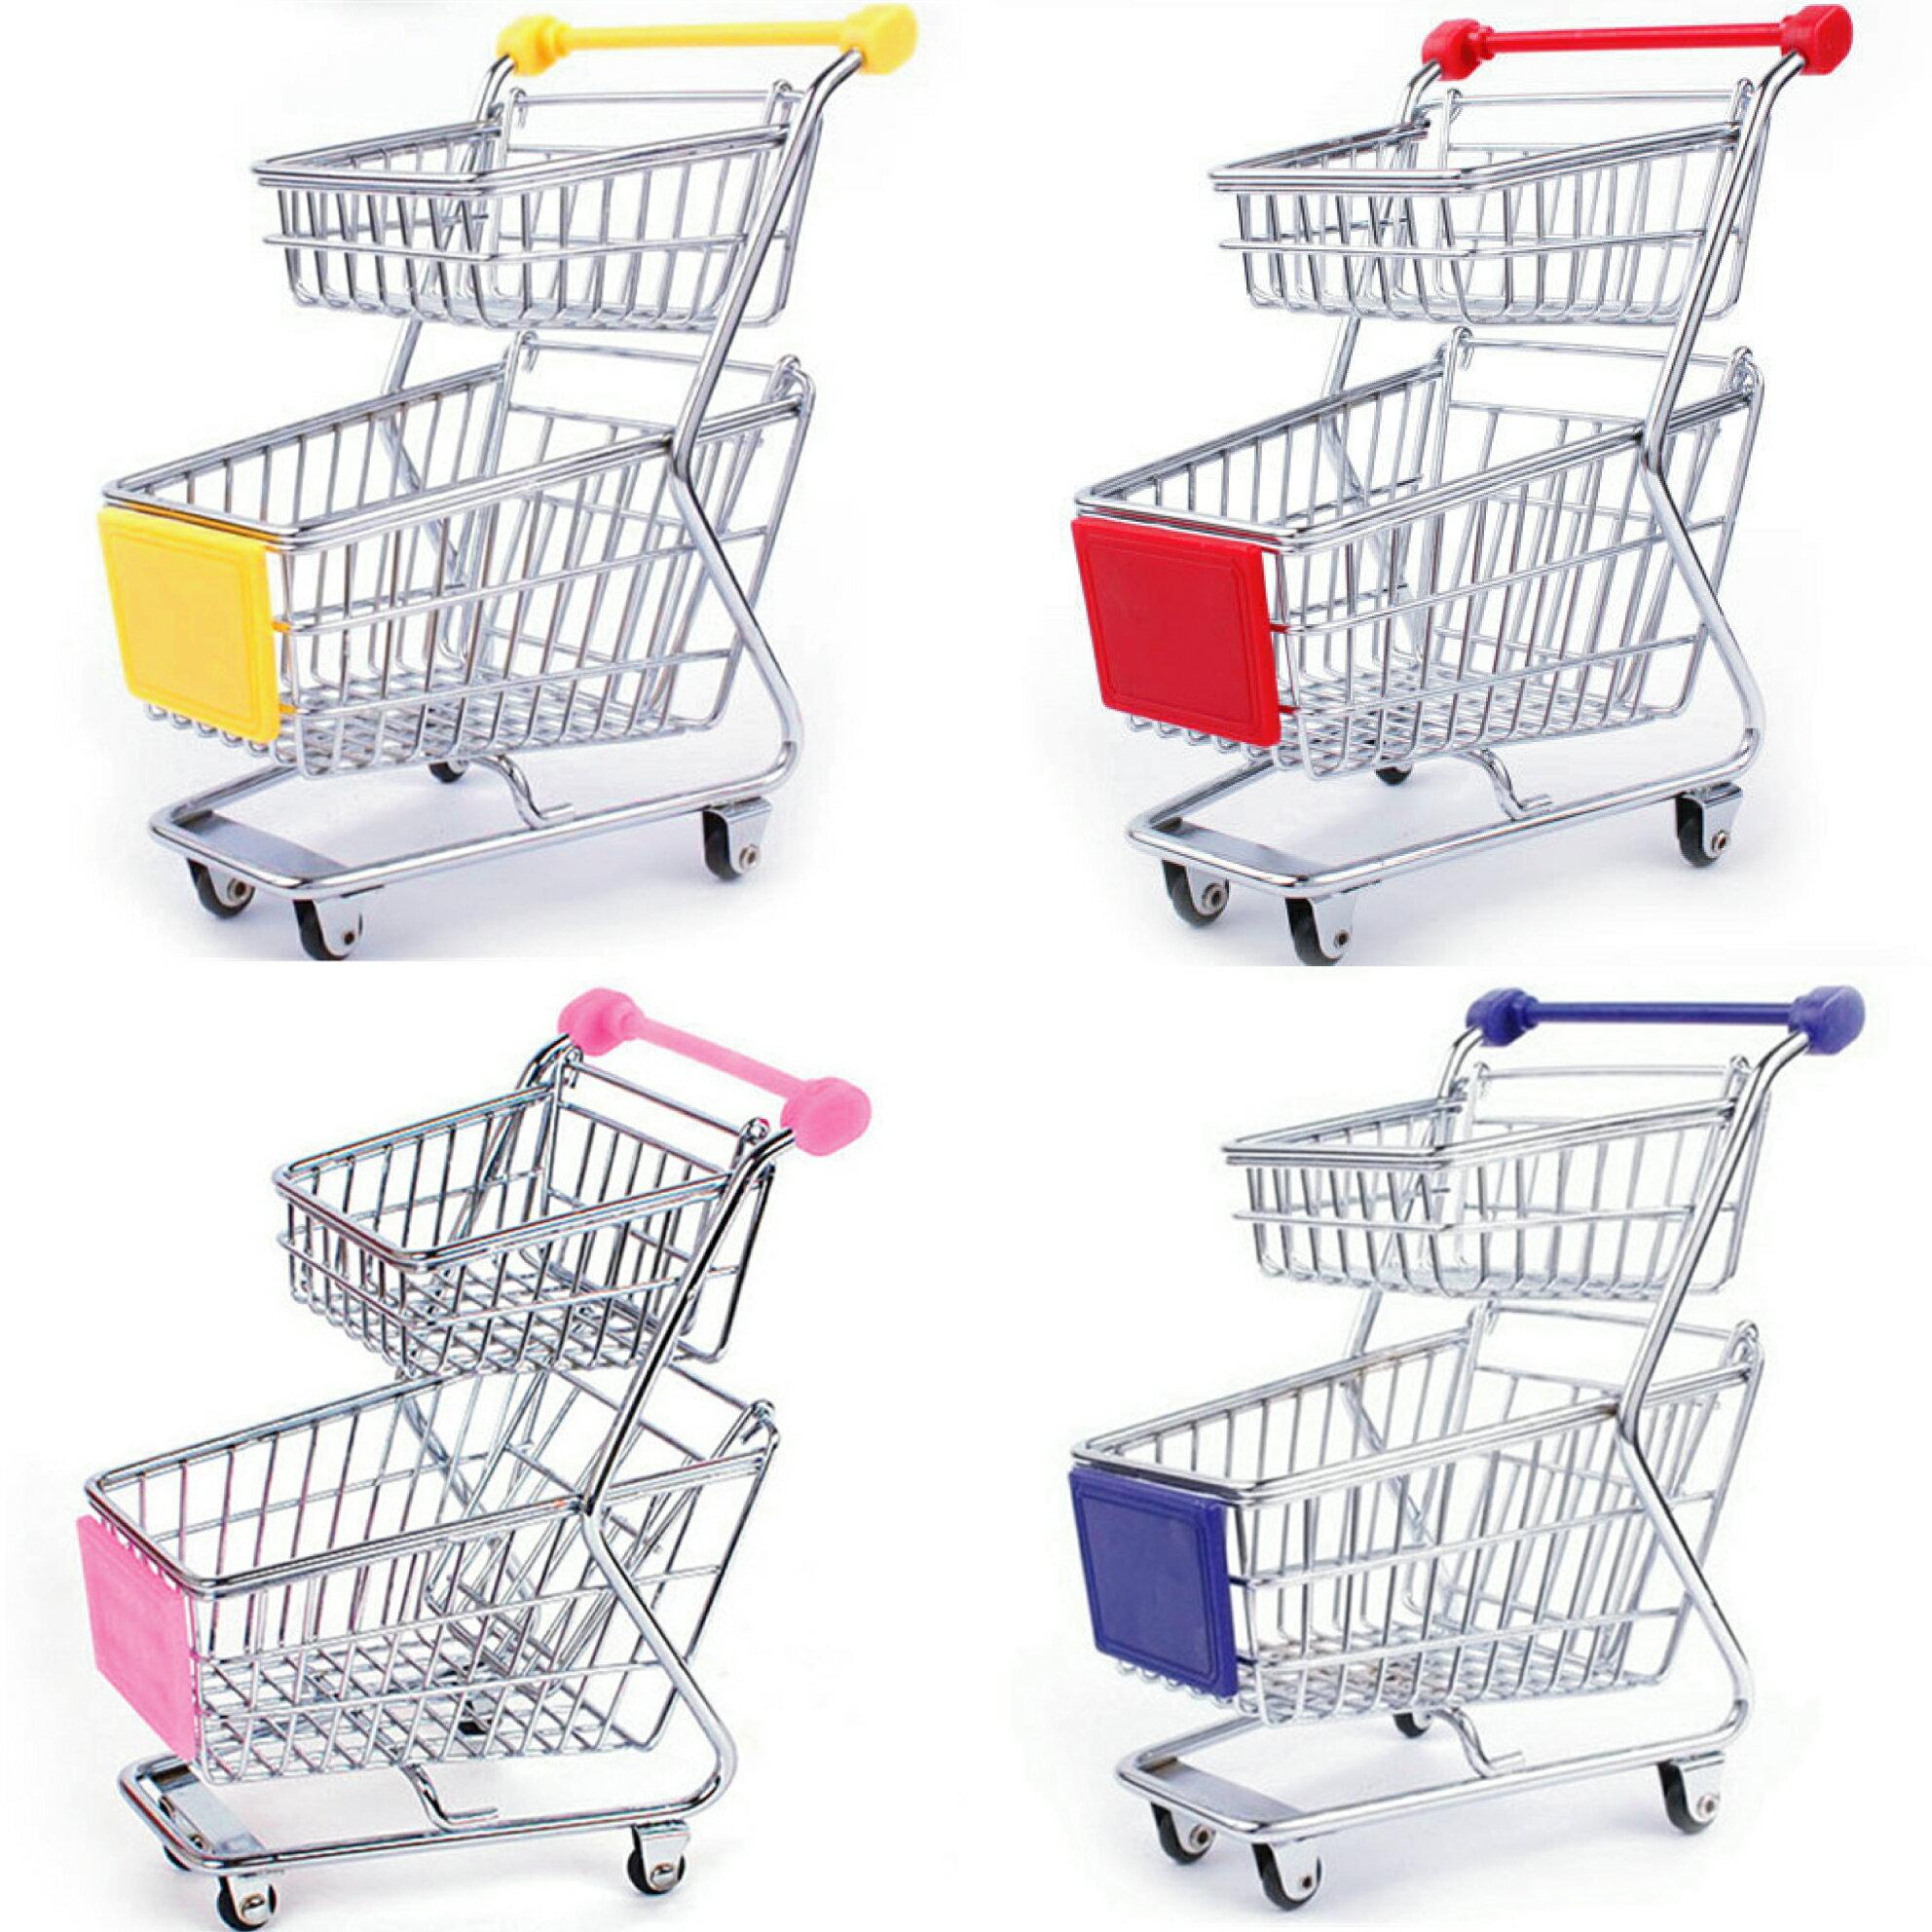 【酷創意】收納 超市 桌面 雙層 小推車購物車造型 創意雙層雜物文具收納雙層迷你購物車